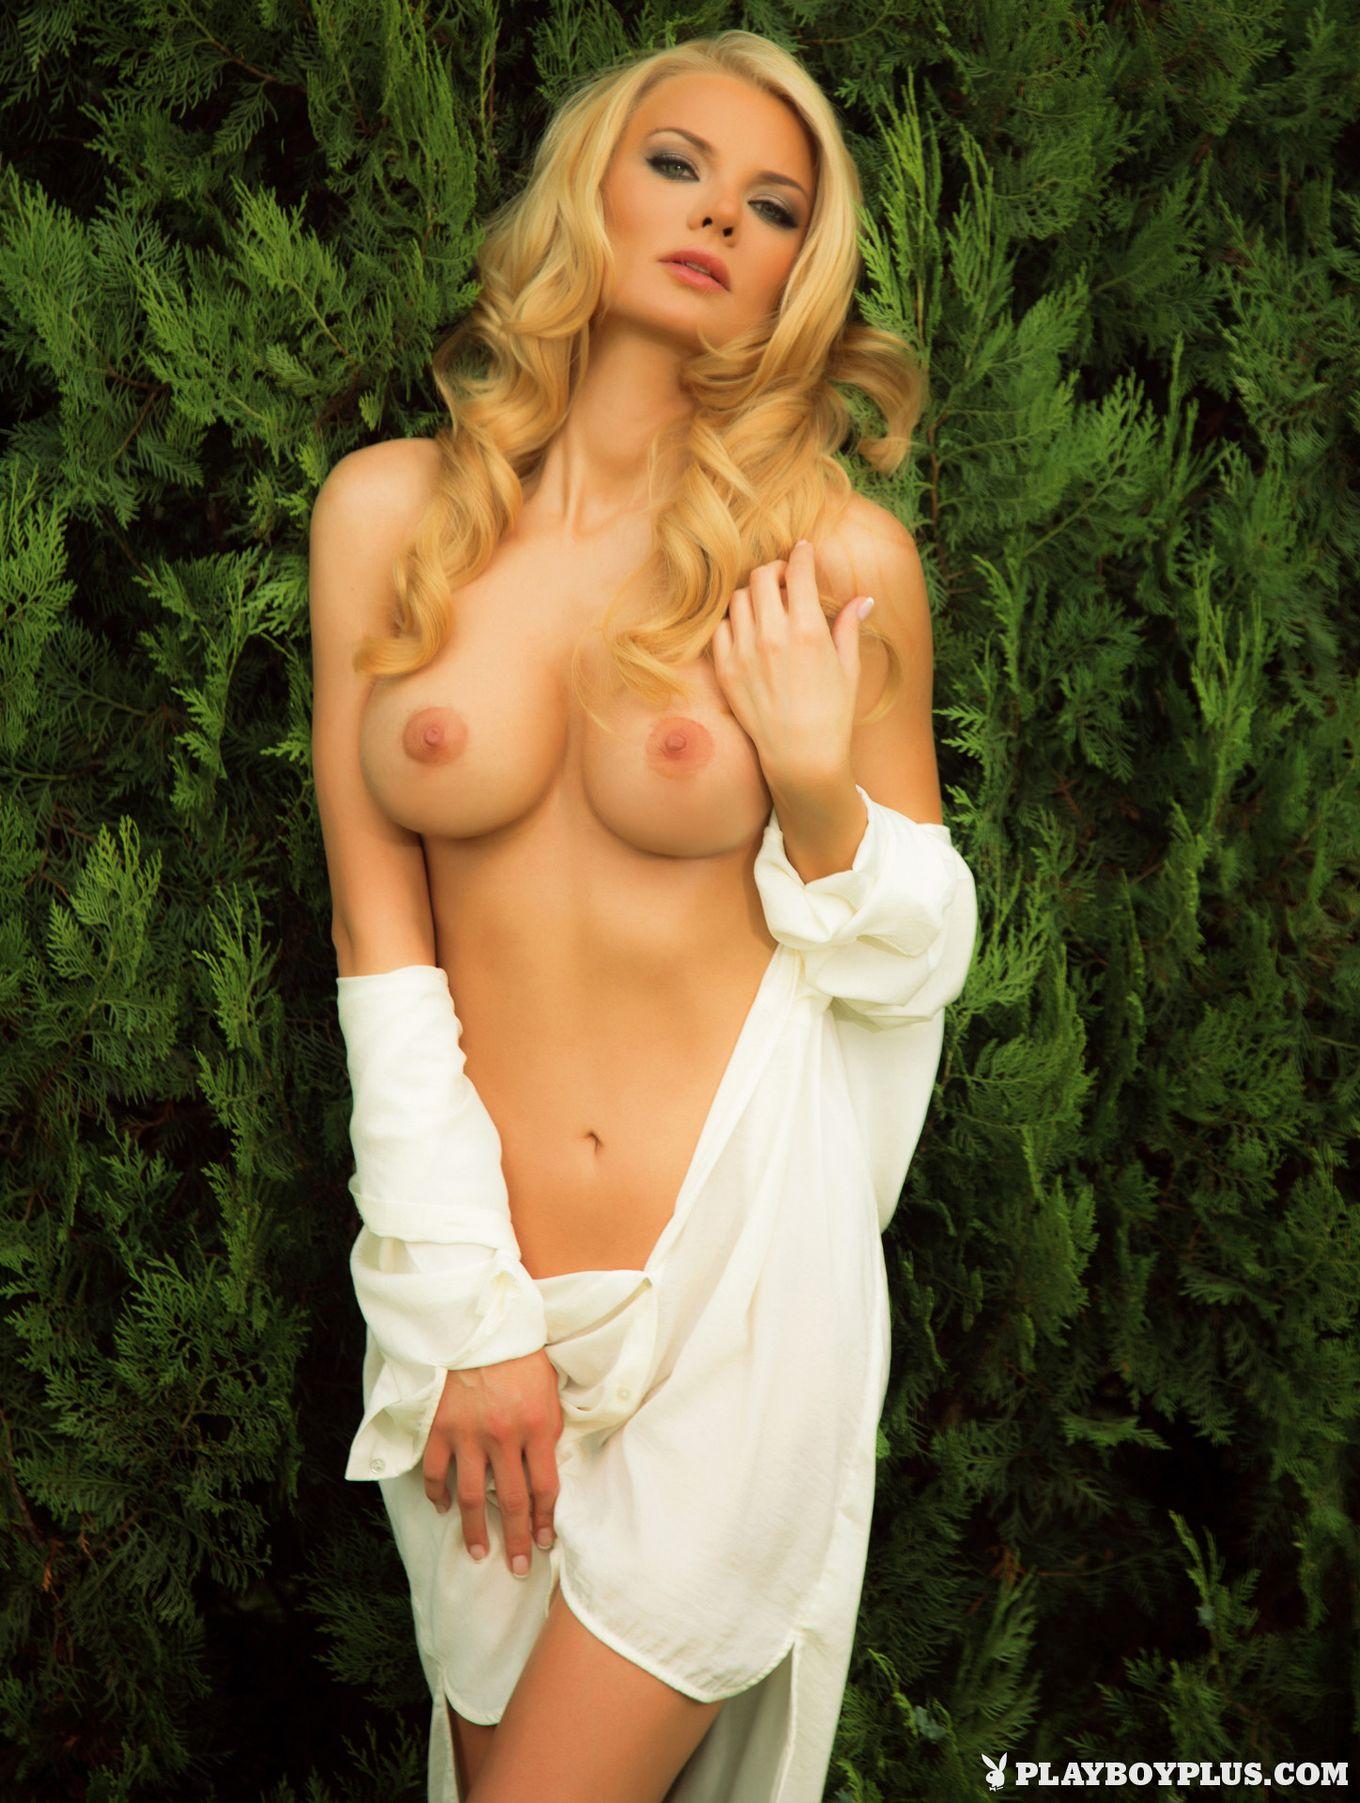 Нелли Георгиева фрау плейбоя из Болгарии